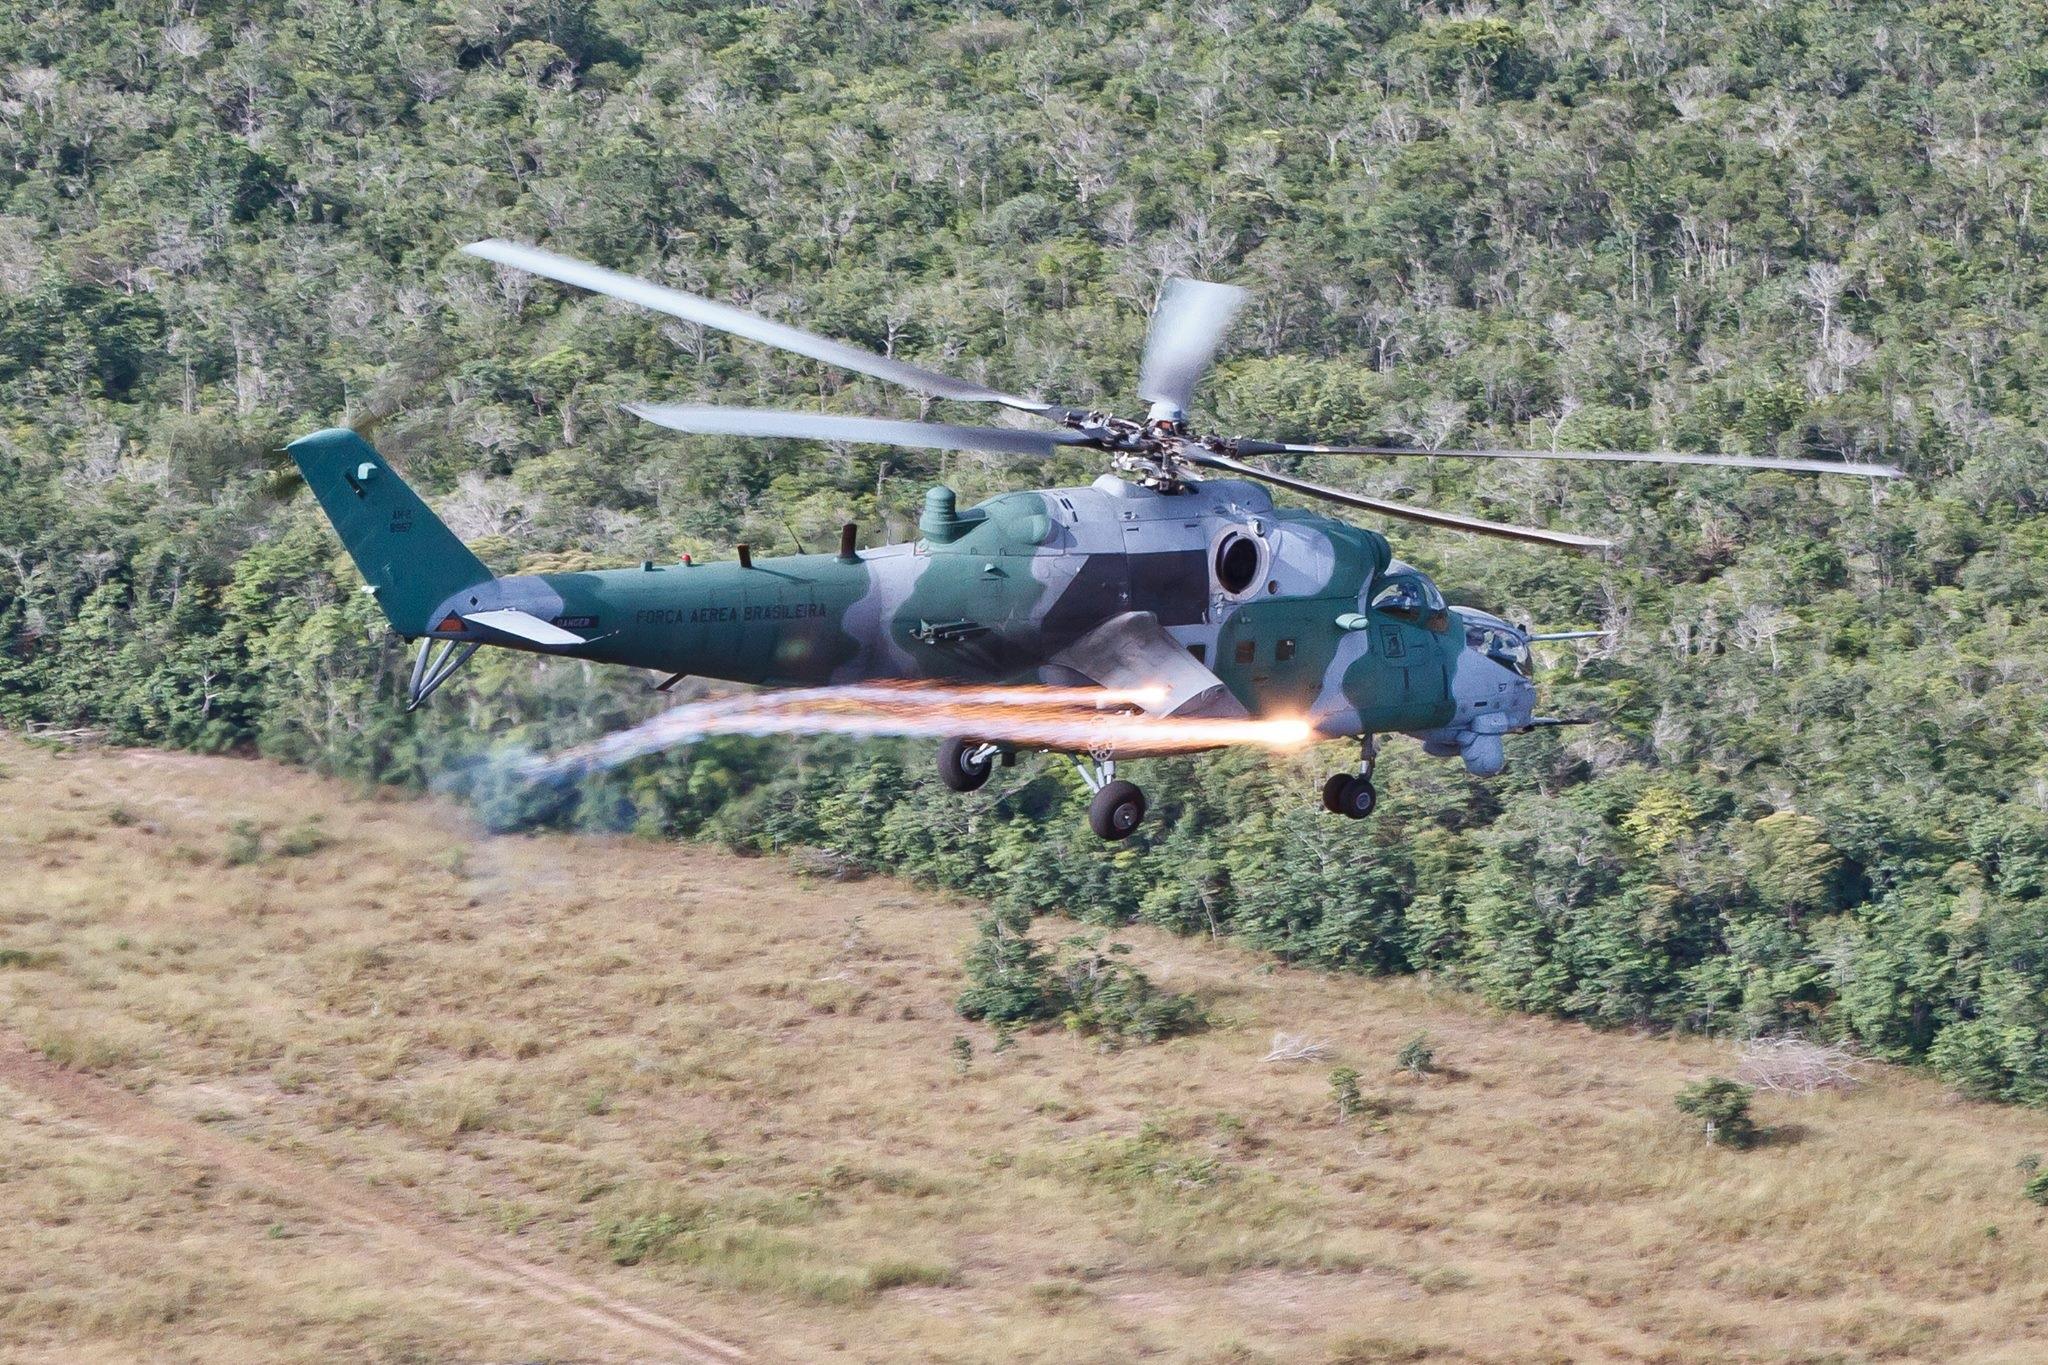 """Боевой вертолет Ми-35М (AH-2 Sabre, бортовой номер """"8957"""") из состава 2-й эскадрильи 'Poti' 8-й авиационной группы ВВС Бразилии. 2016 год."""